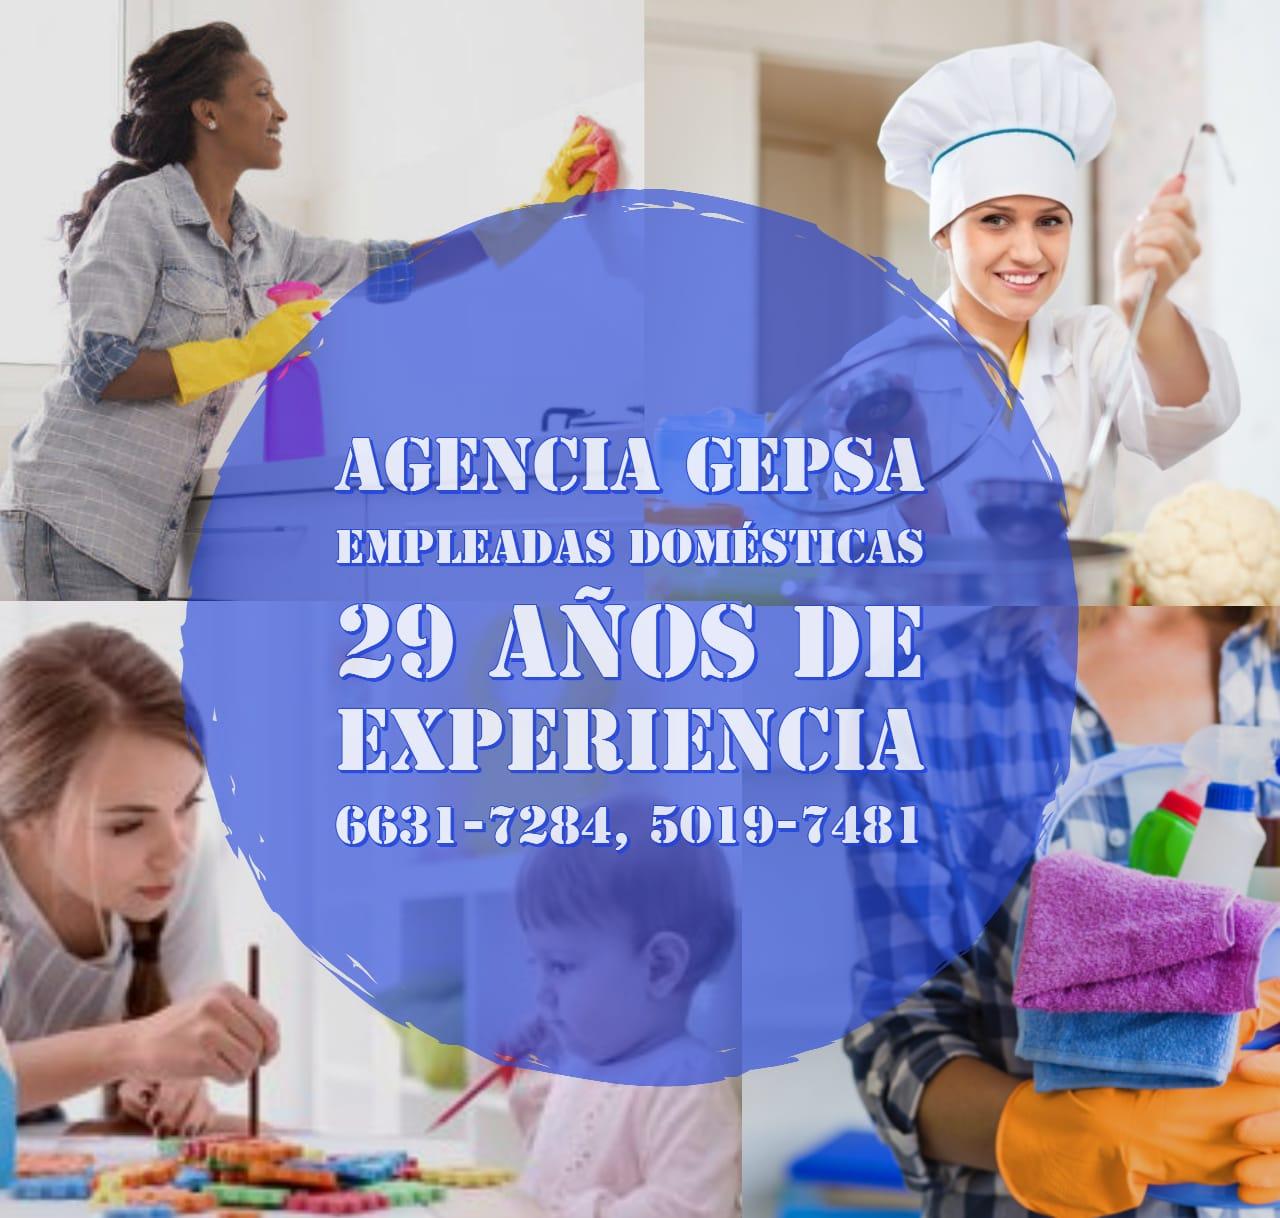 Empleadas Domésticas Confiables, Agencia GEPSA, 29 años de experiencia